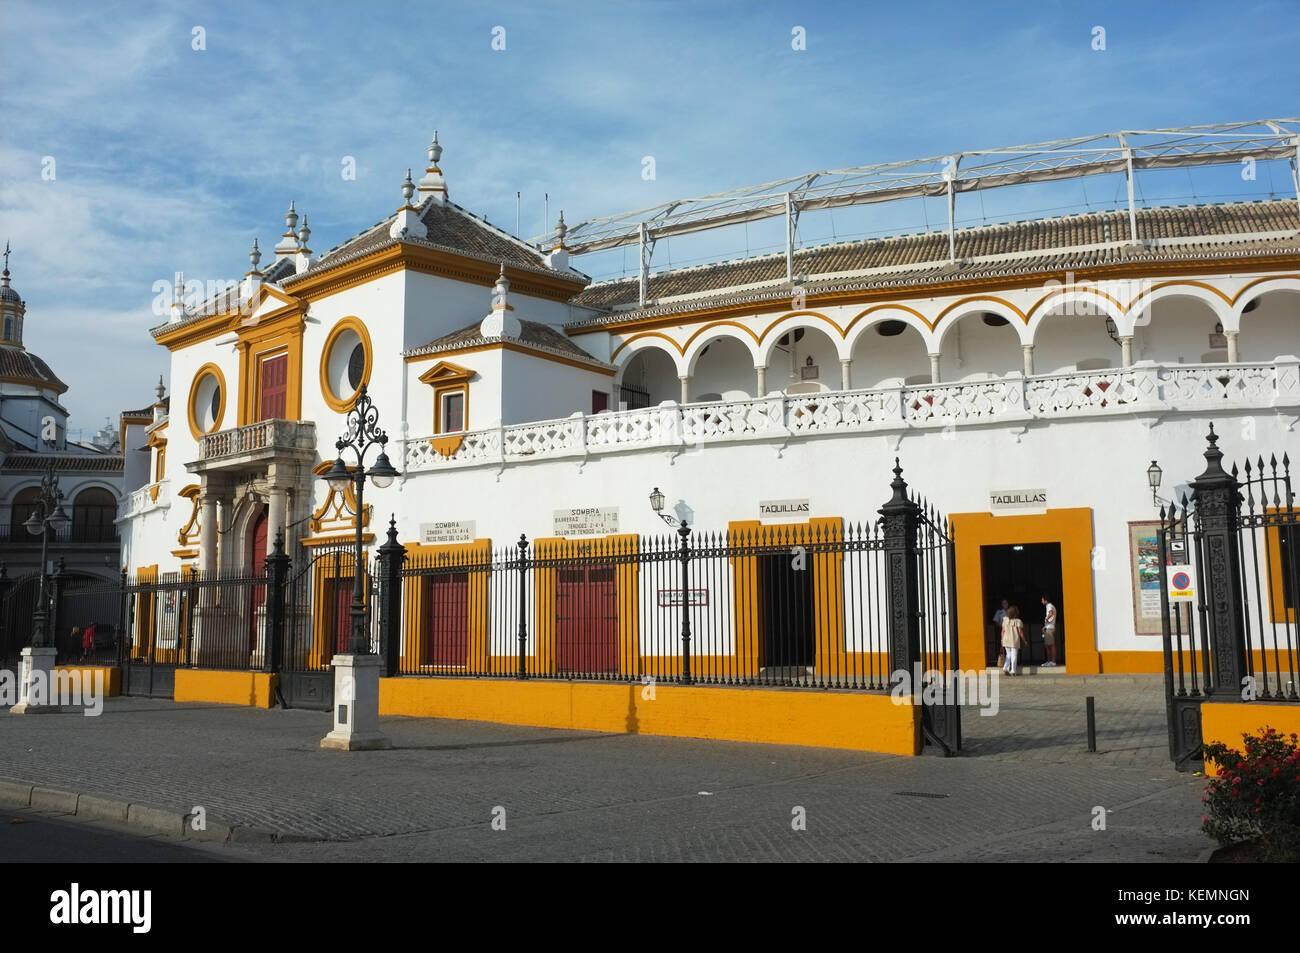 Plaza de toros de la Real Maestranza de Caballería de Sevilla, Seville/Sevilla, Andalucia, Spain, September - Stock Image